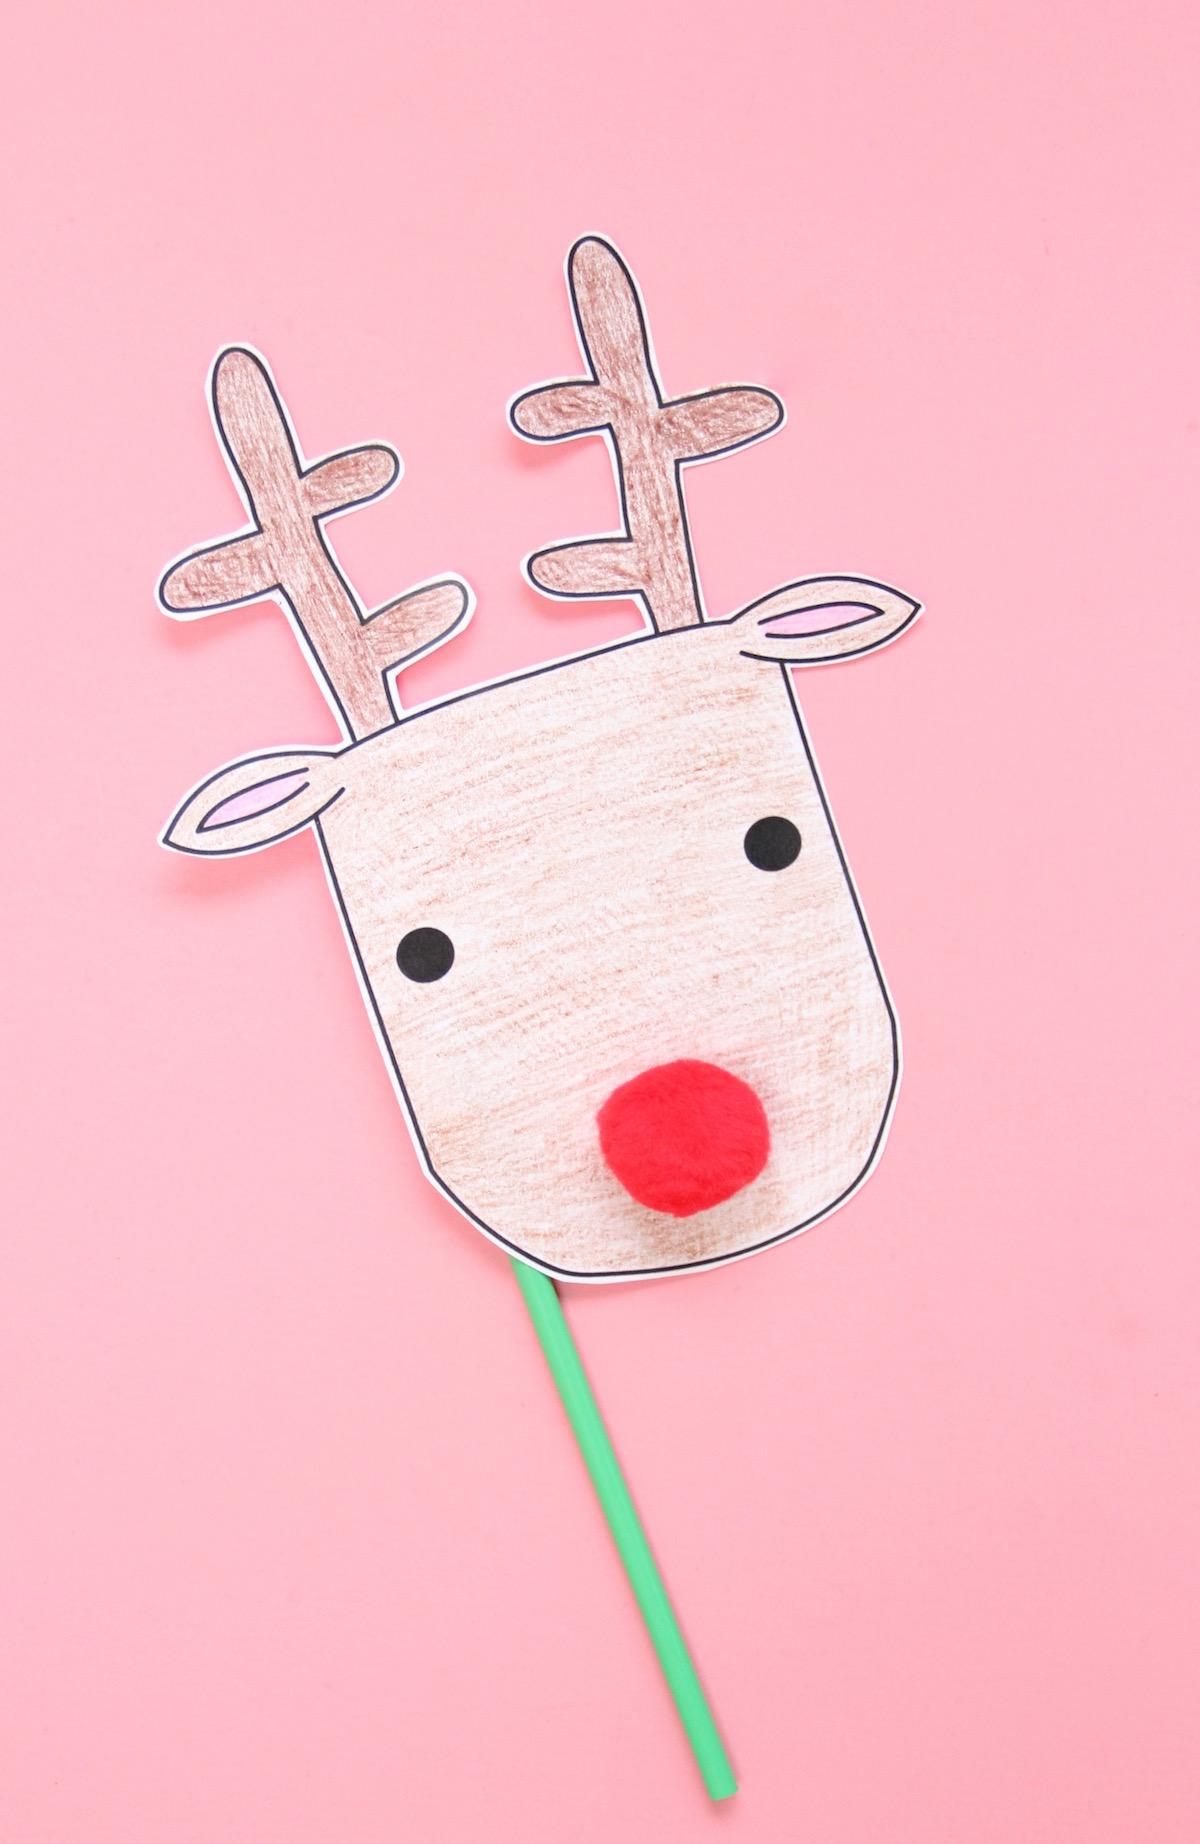 image regarding Printable Reindeer called PRINTABLE REINDEER MASKS And We Engage in